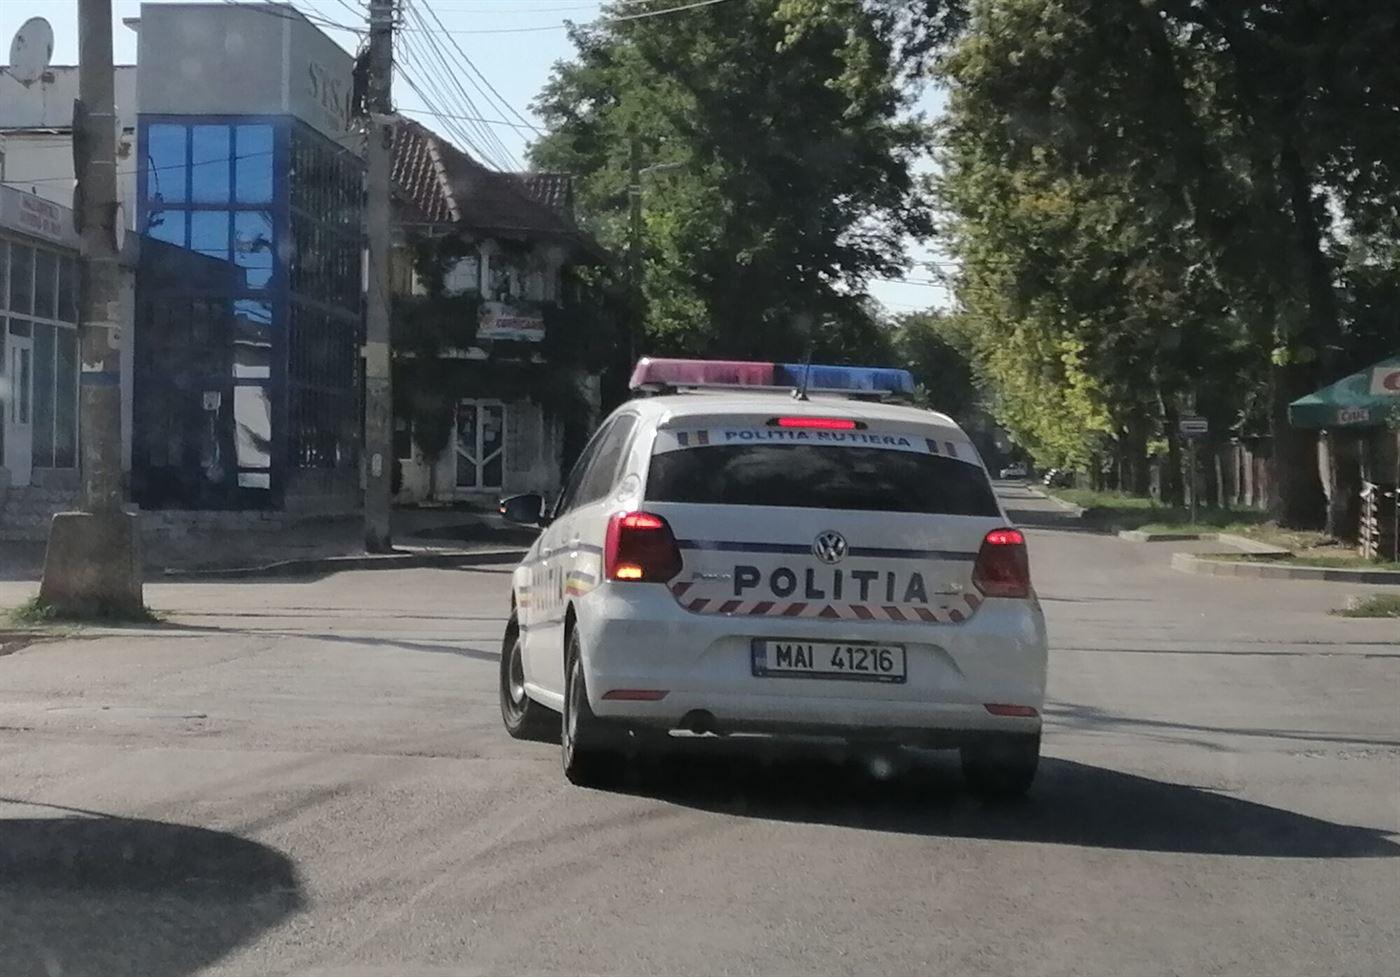 Lipsa măștii de protecție în mijloacele de transport în comun sancționată de polițiști